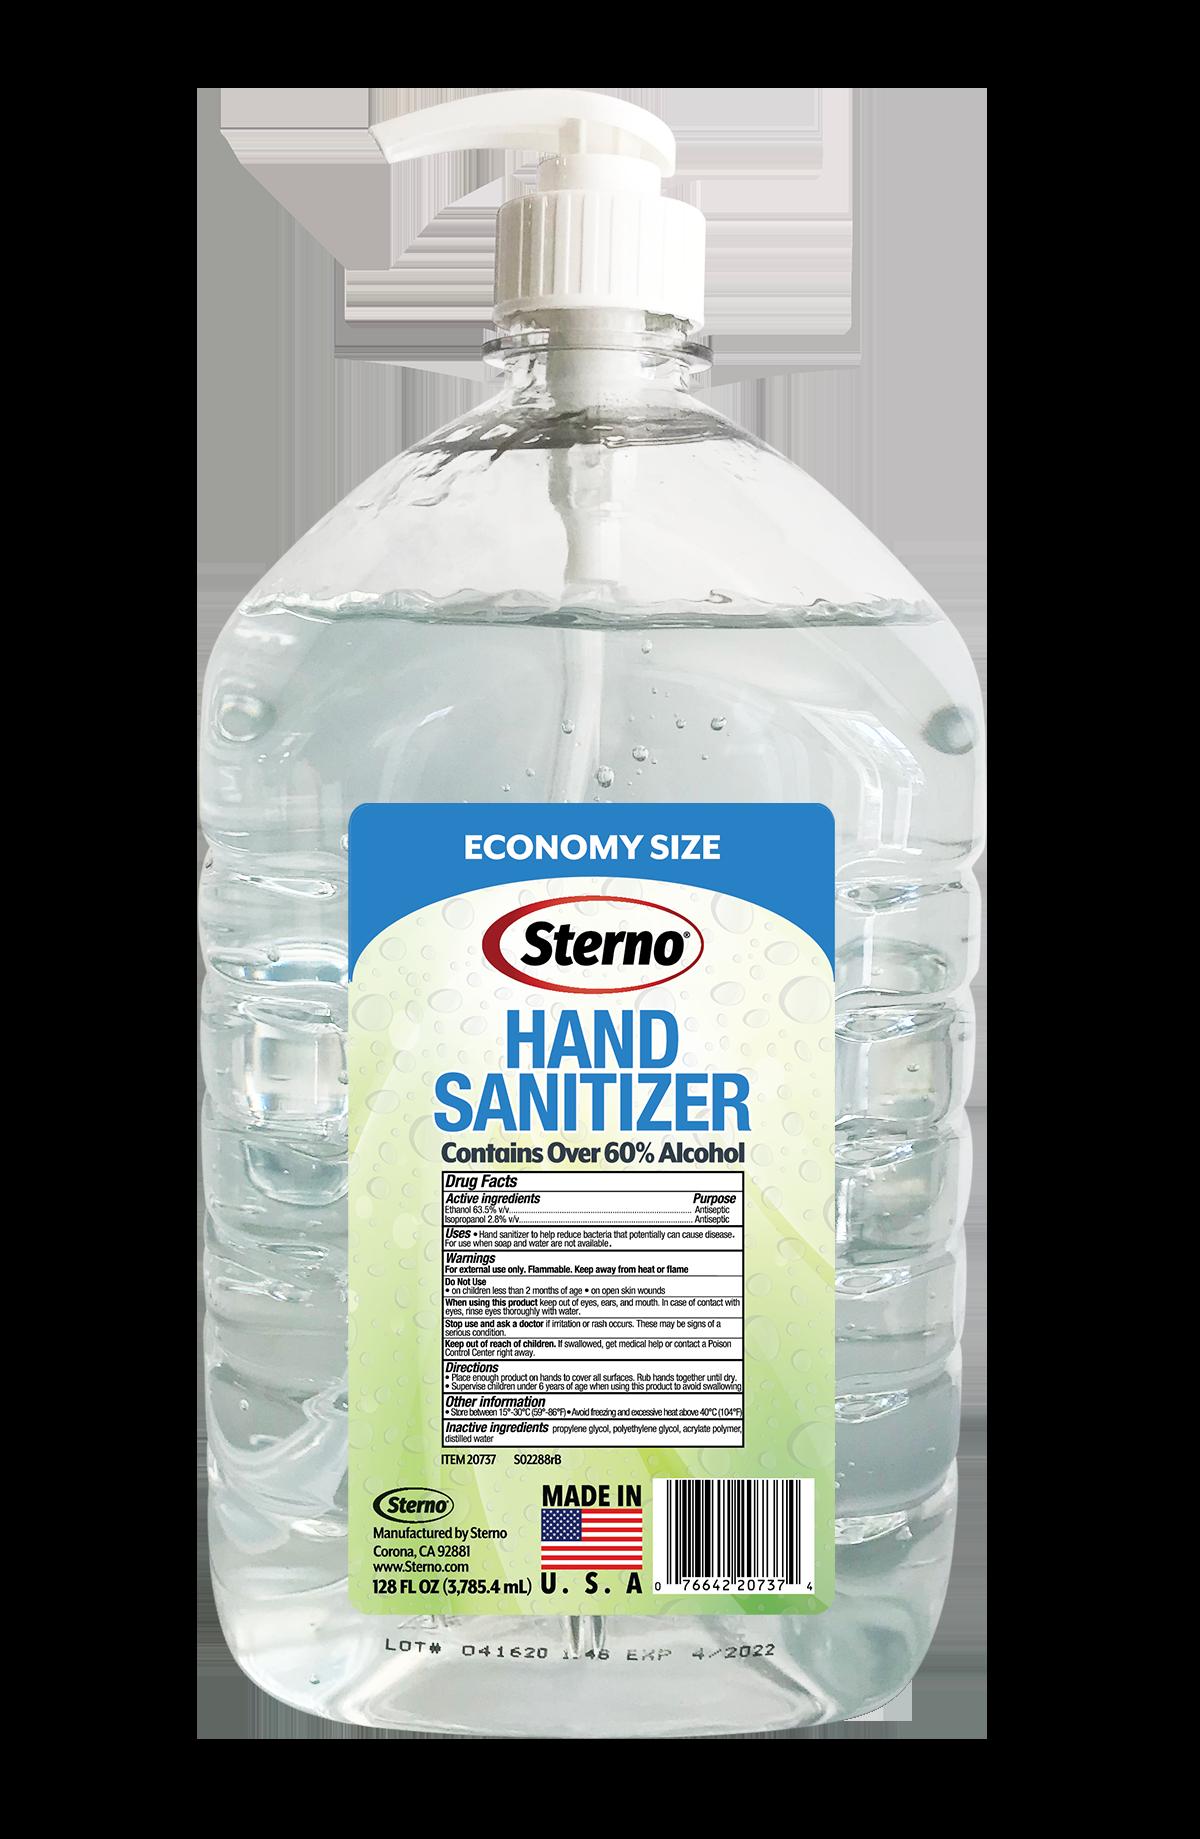 Sterno 20738 hand sanitizer